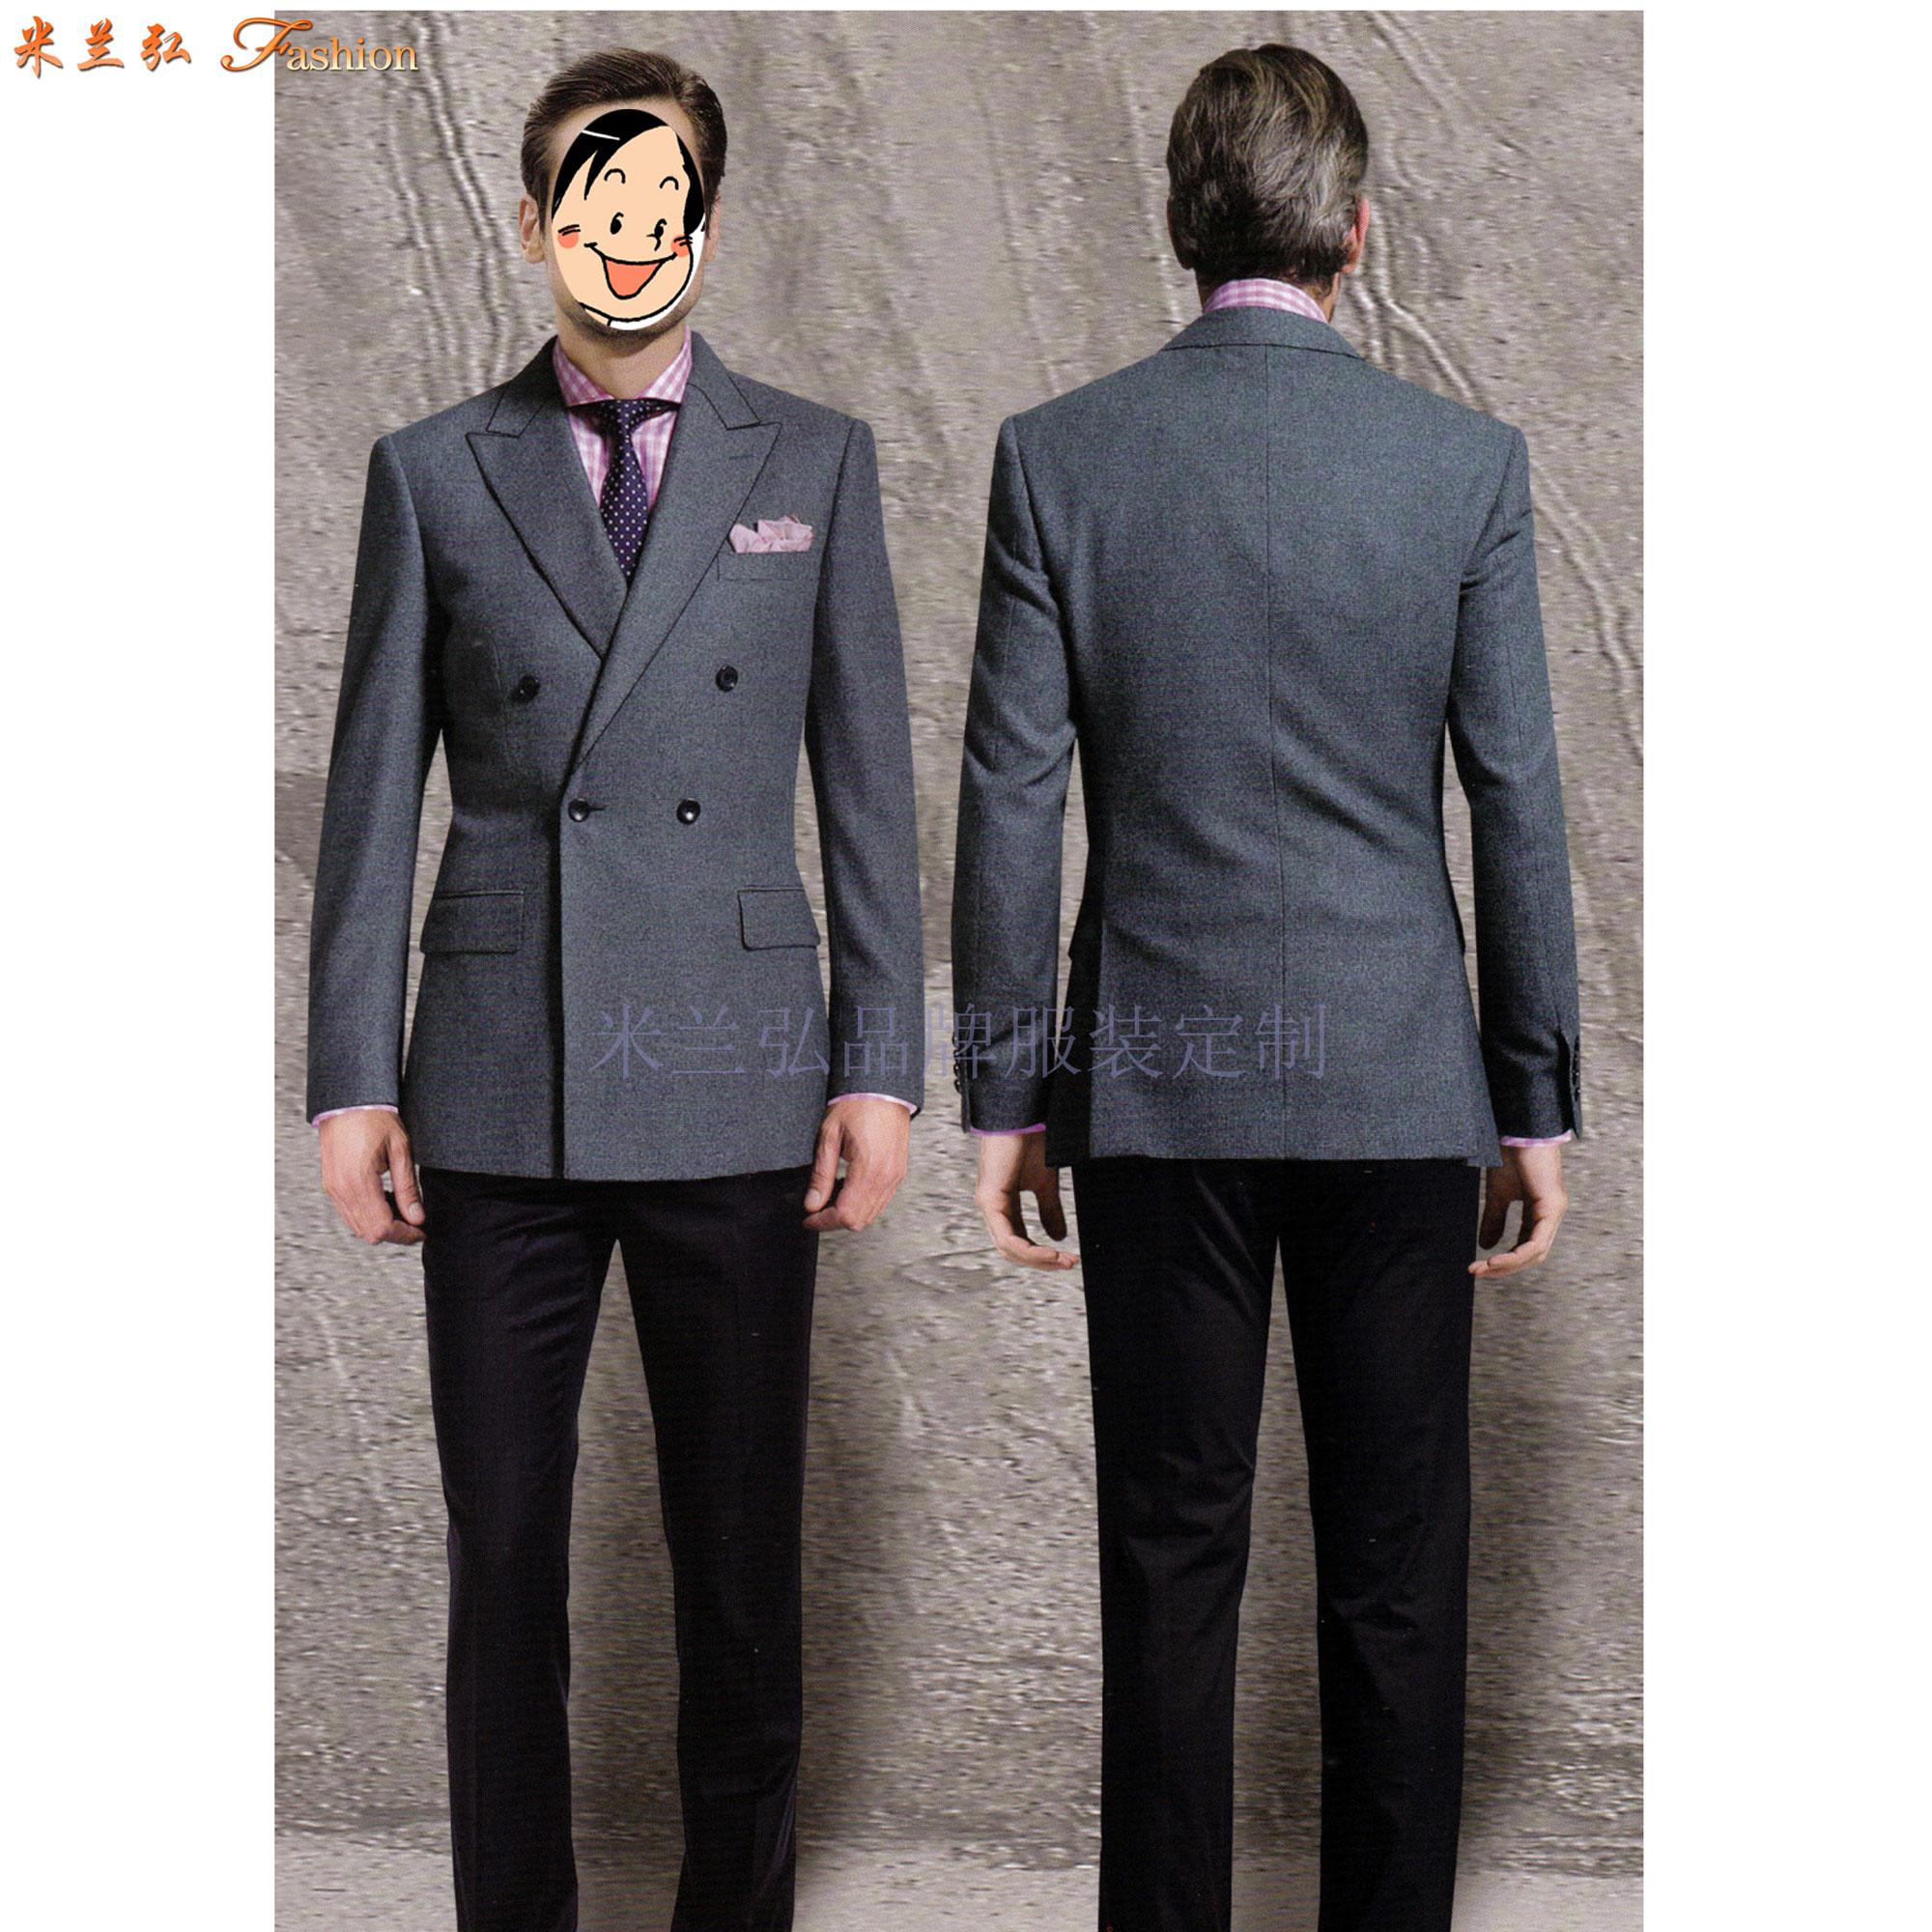 「北京商務西服定制公司」推薦誠信靠譜的米蘭弘品牌西服